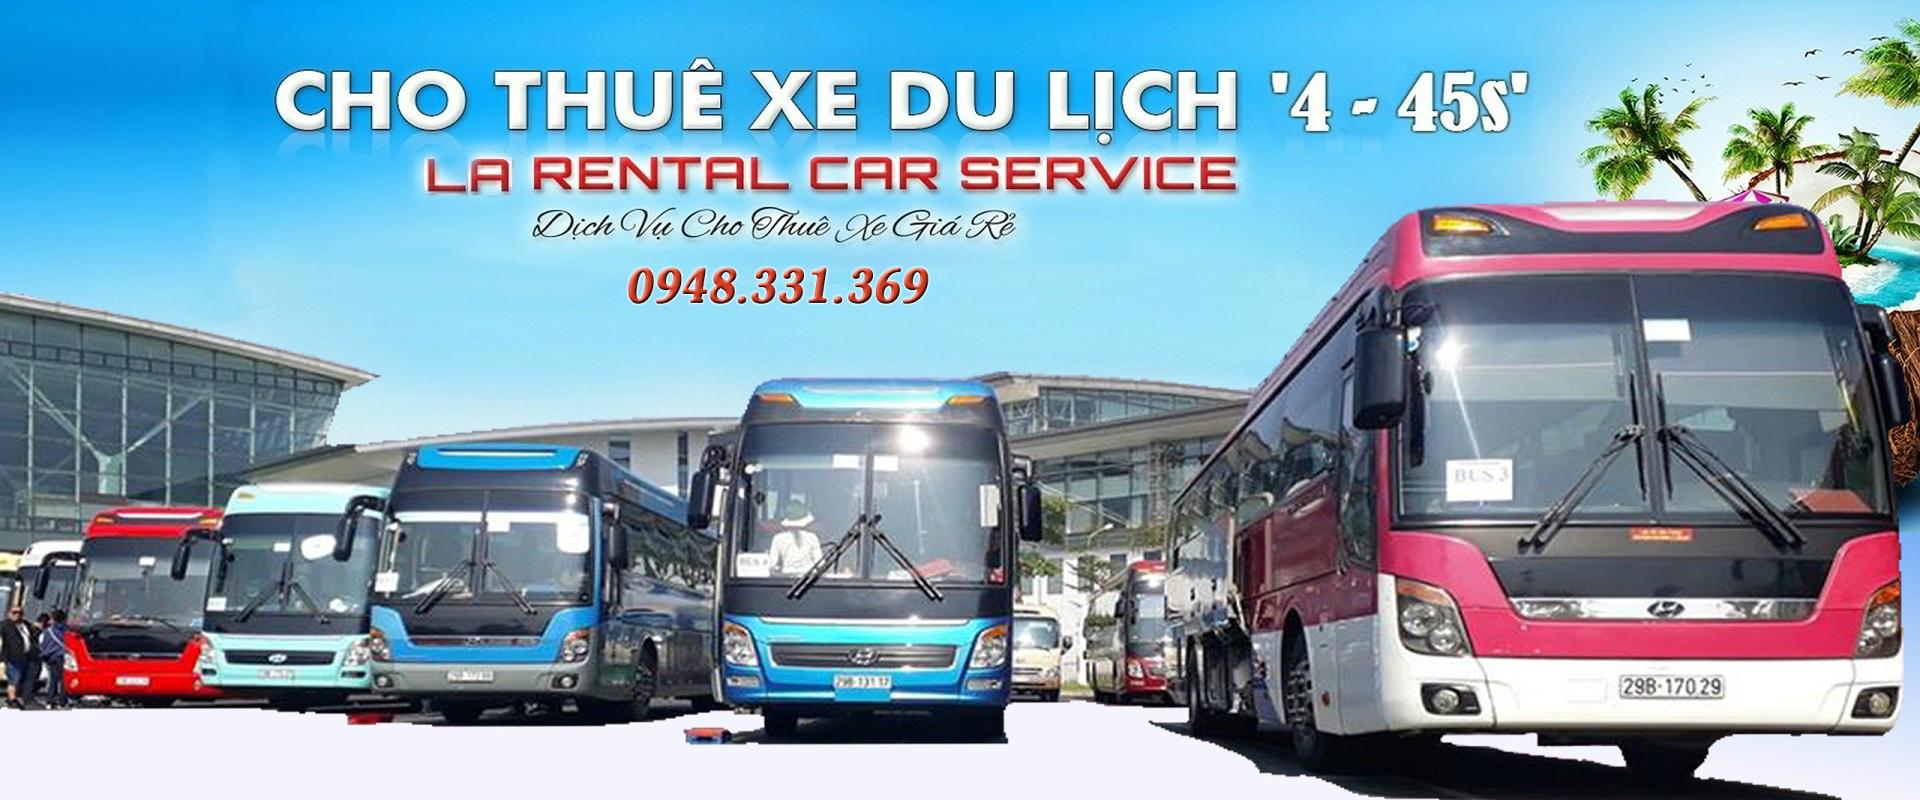 Cho Thuê xe du lịch từ 4 - 45 chỗ - Xe Linh An